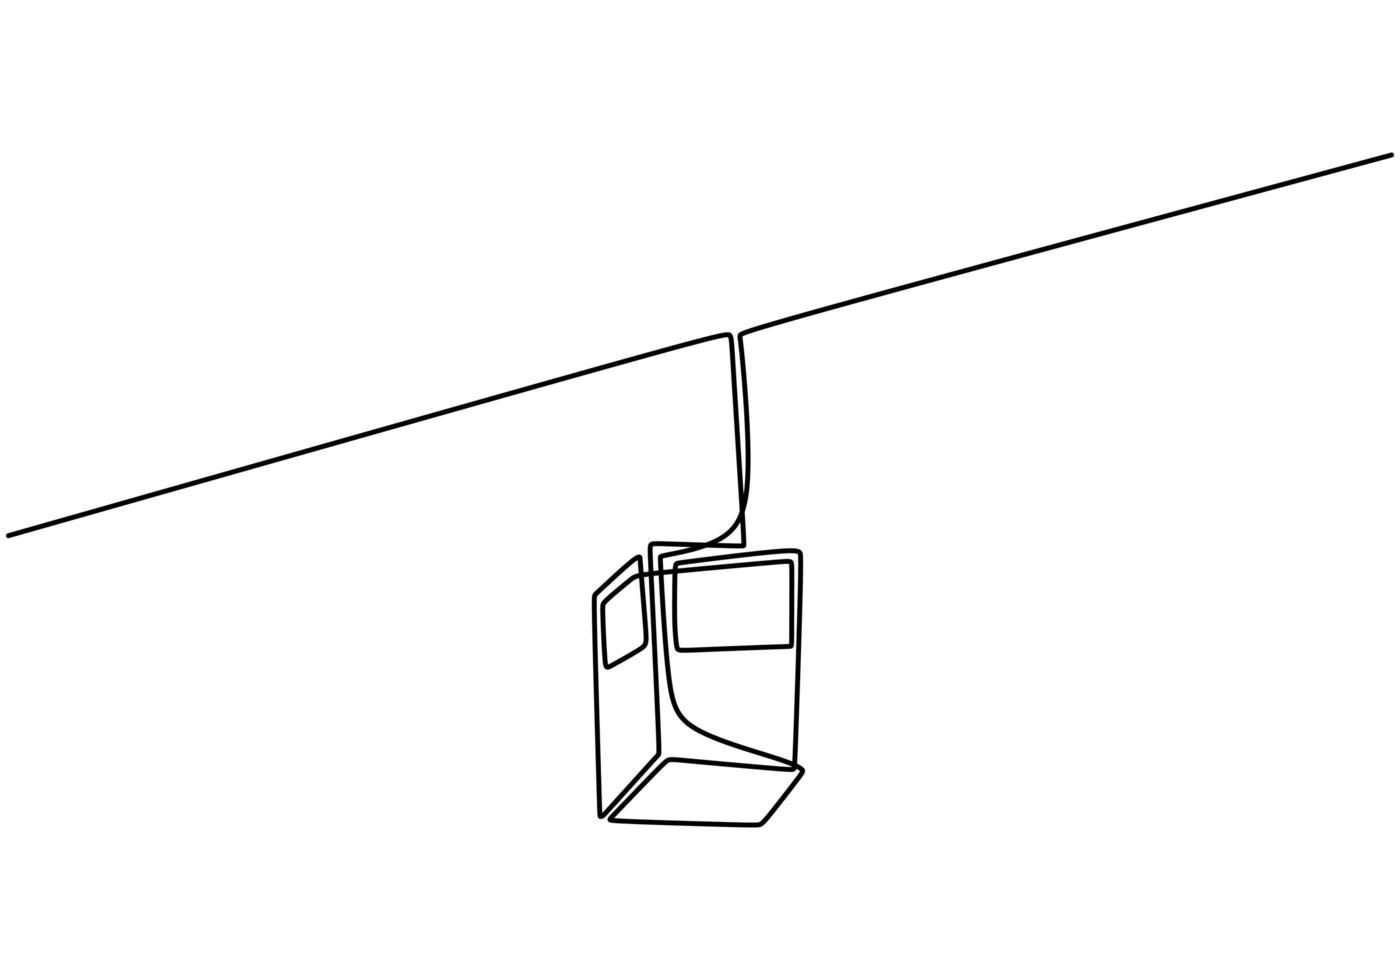 um desenho de linha contínua do teleférico. transporte para a montanha. vetor